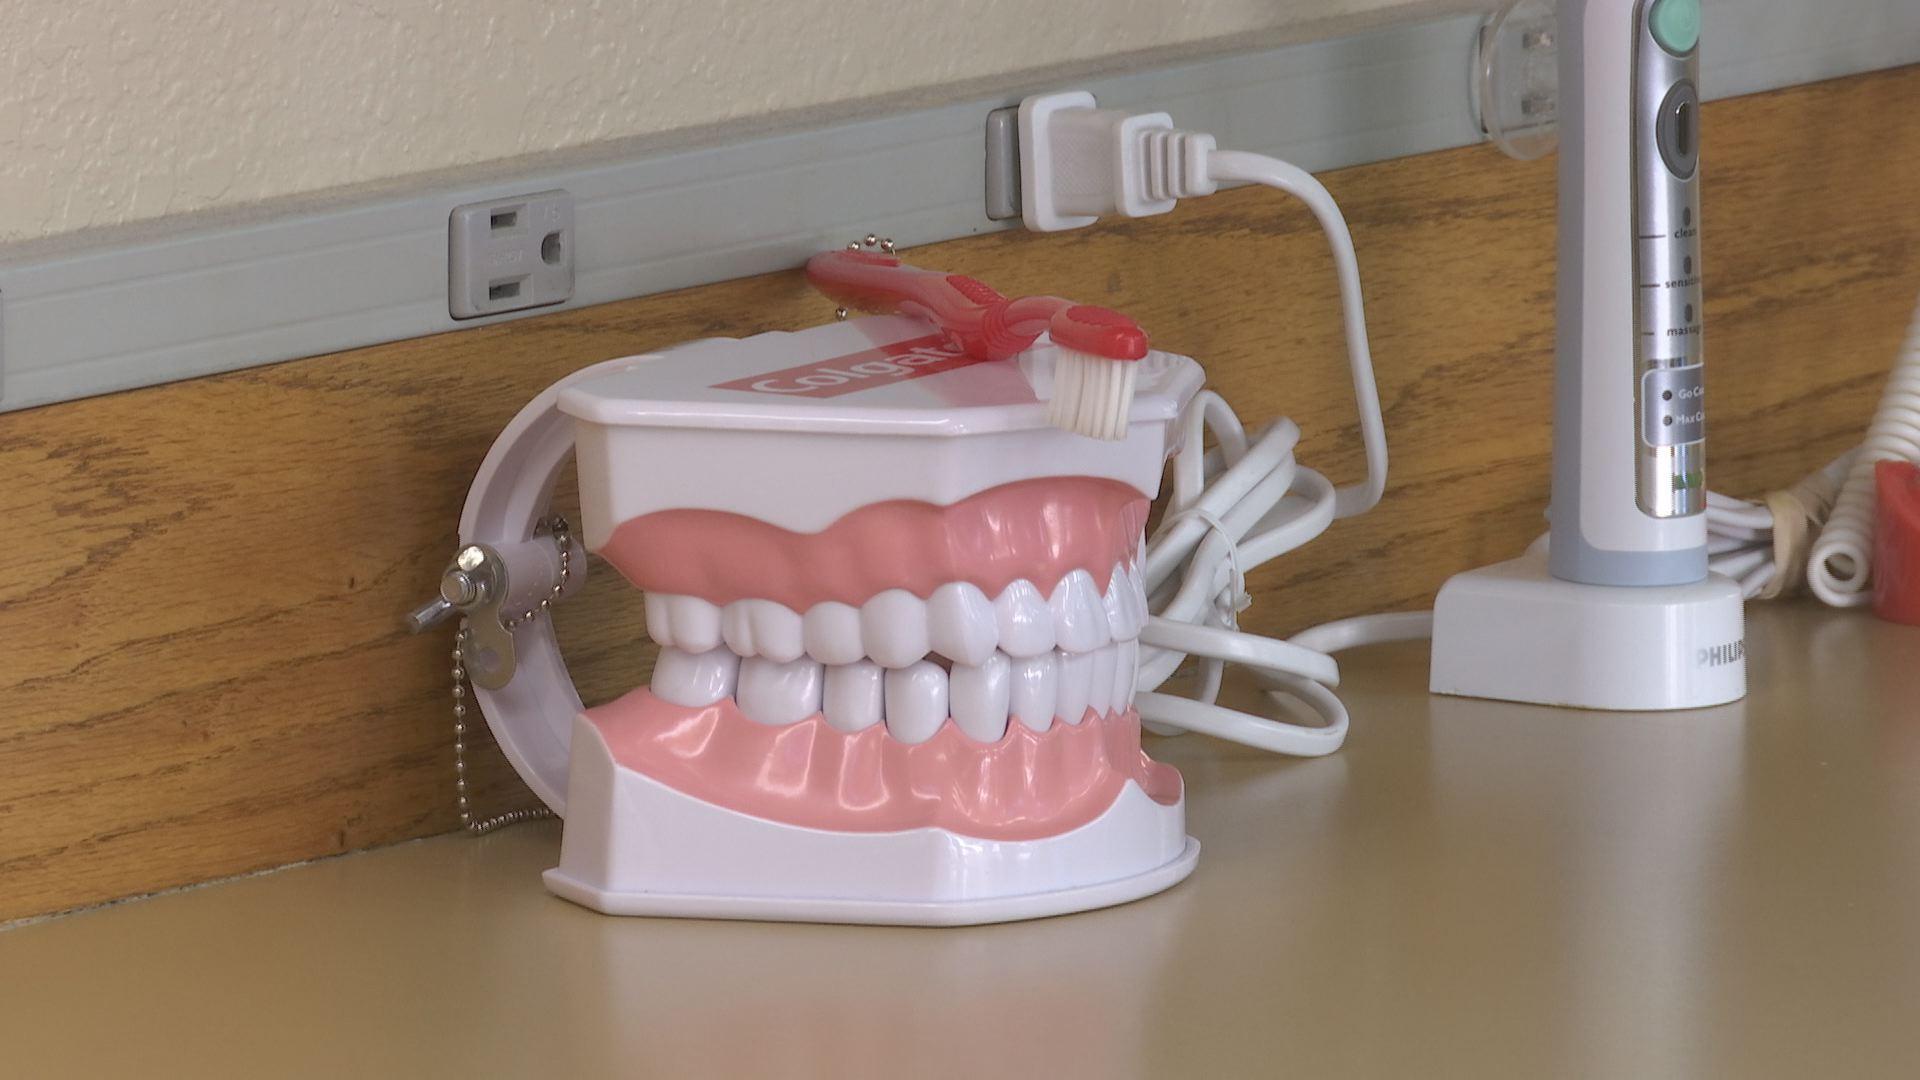 Dentist Offices Offer Free Dental Care For Vets This Thursday Kobi Tv Nbc5 Koti Tv Nbc2